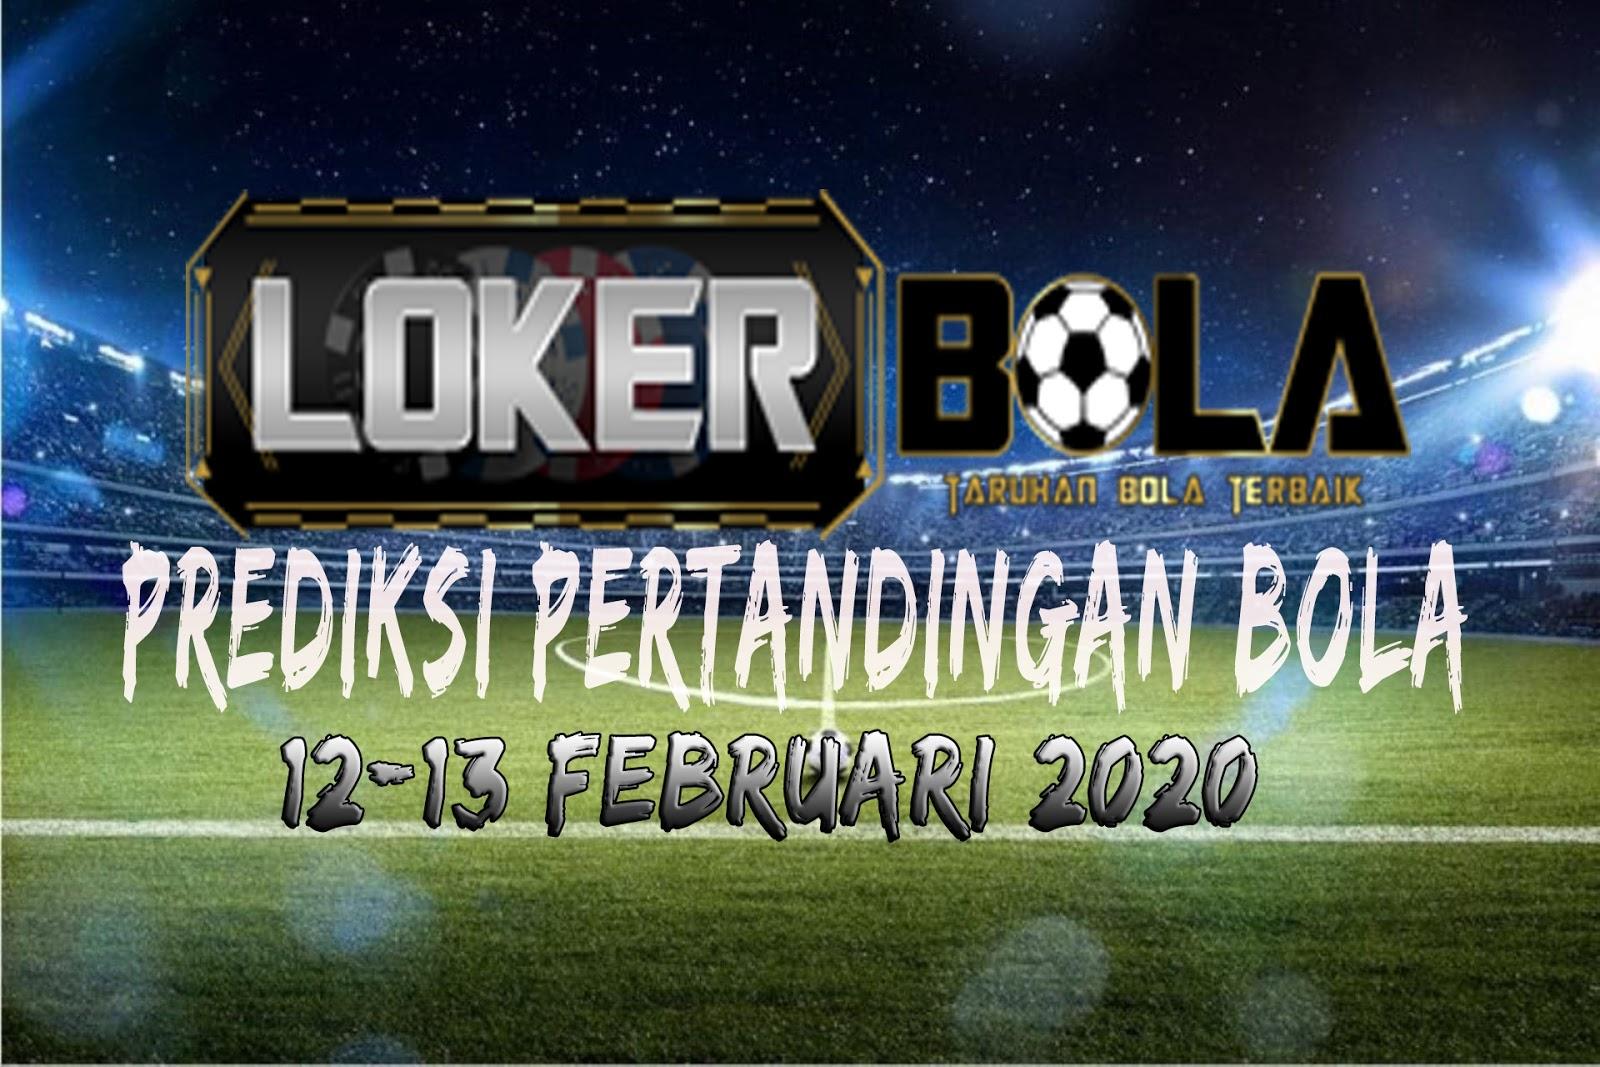 PREDIKSI PERTANDINGAN BOLA 12-13 FEBRUARI 2020